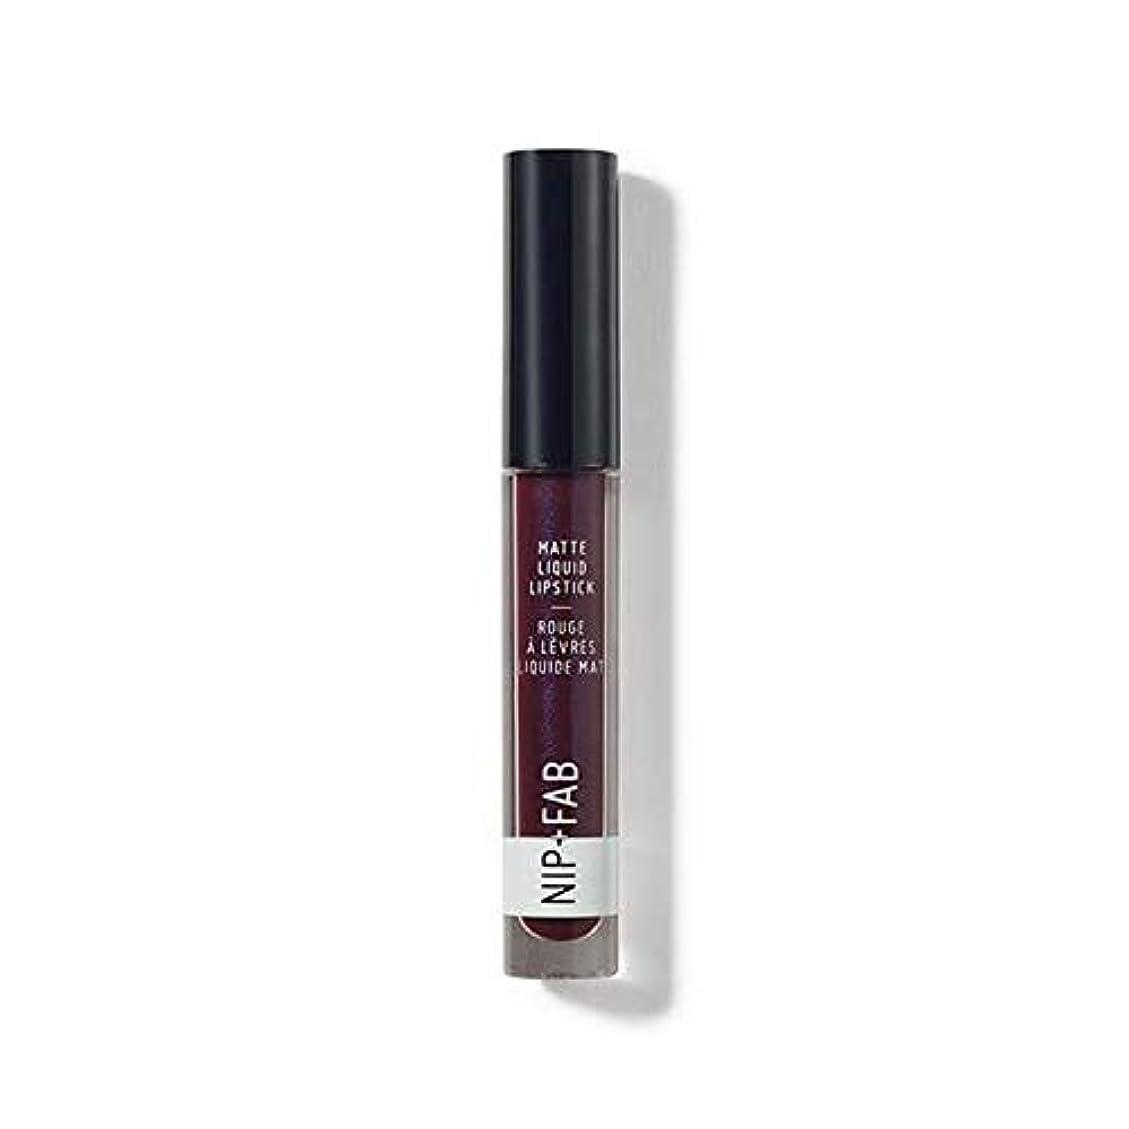 偏見欠員晴れ[Nip & Fab ] + Fabマット液体口紅ブラックグレープ55ニップ - Nip+Fab Matte Liquid Lipstick Black Grape 55 [並行輸入品]